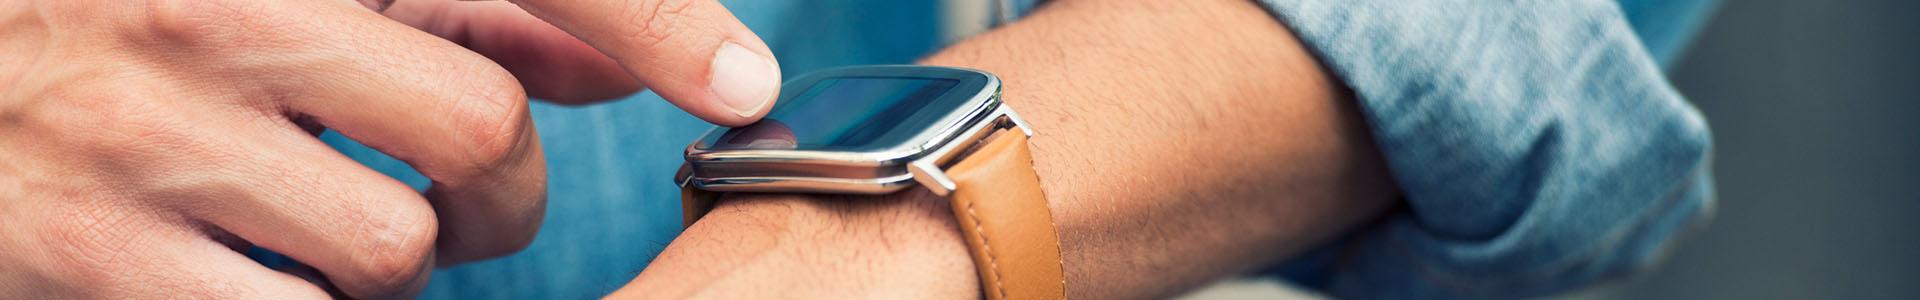 Apple Watch 40 oder 44 Millimeter